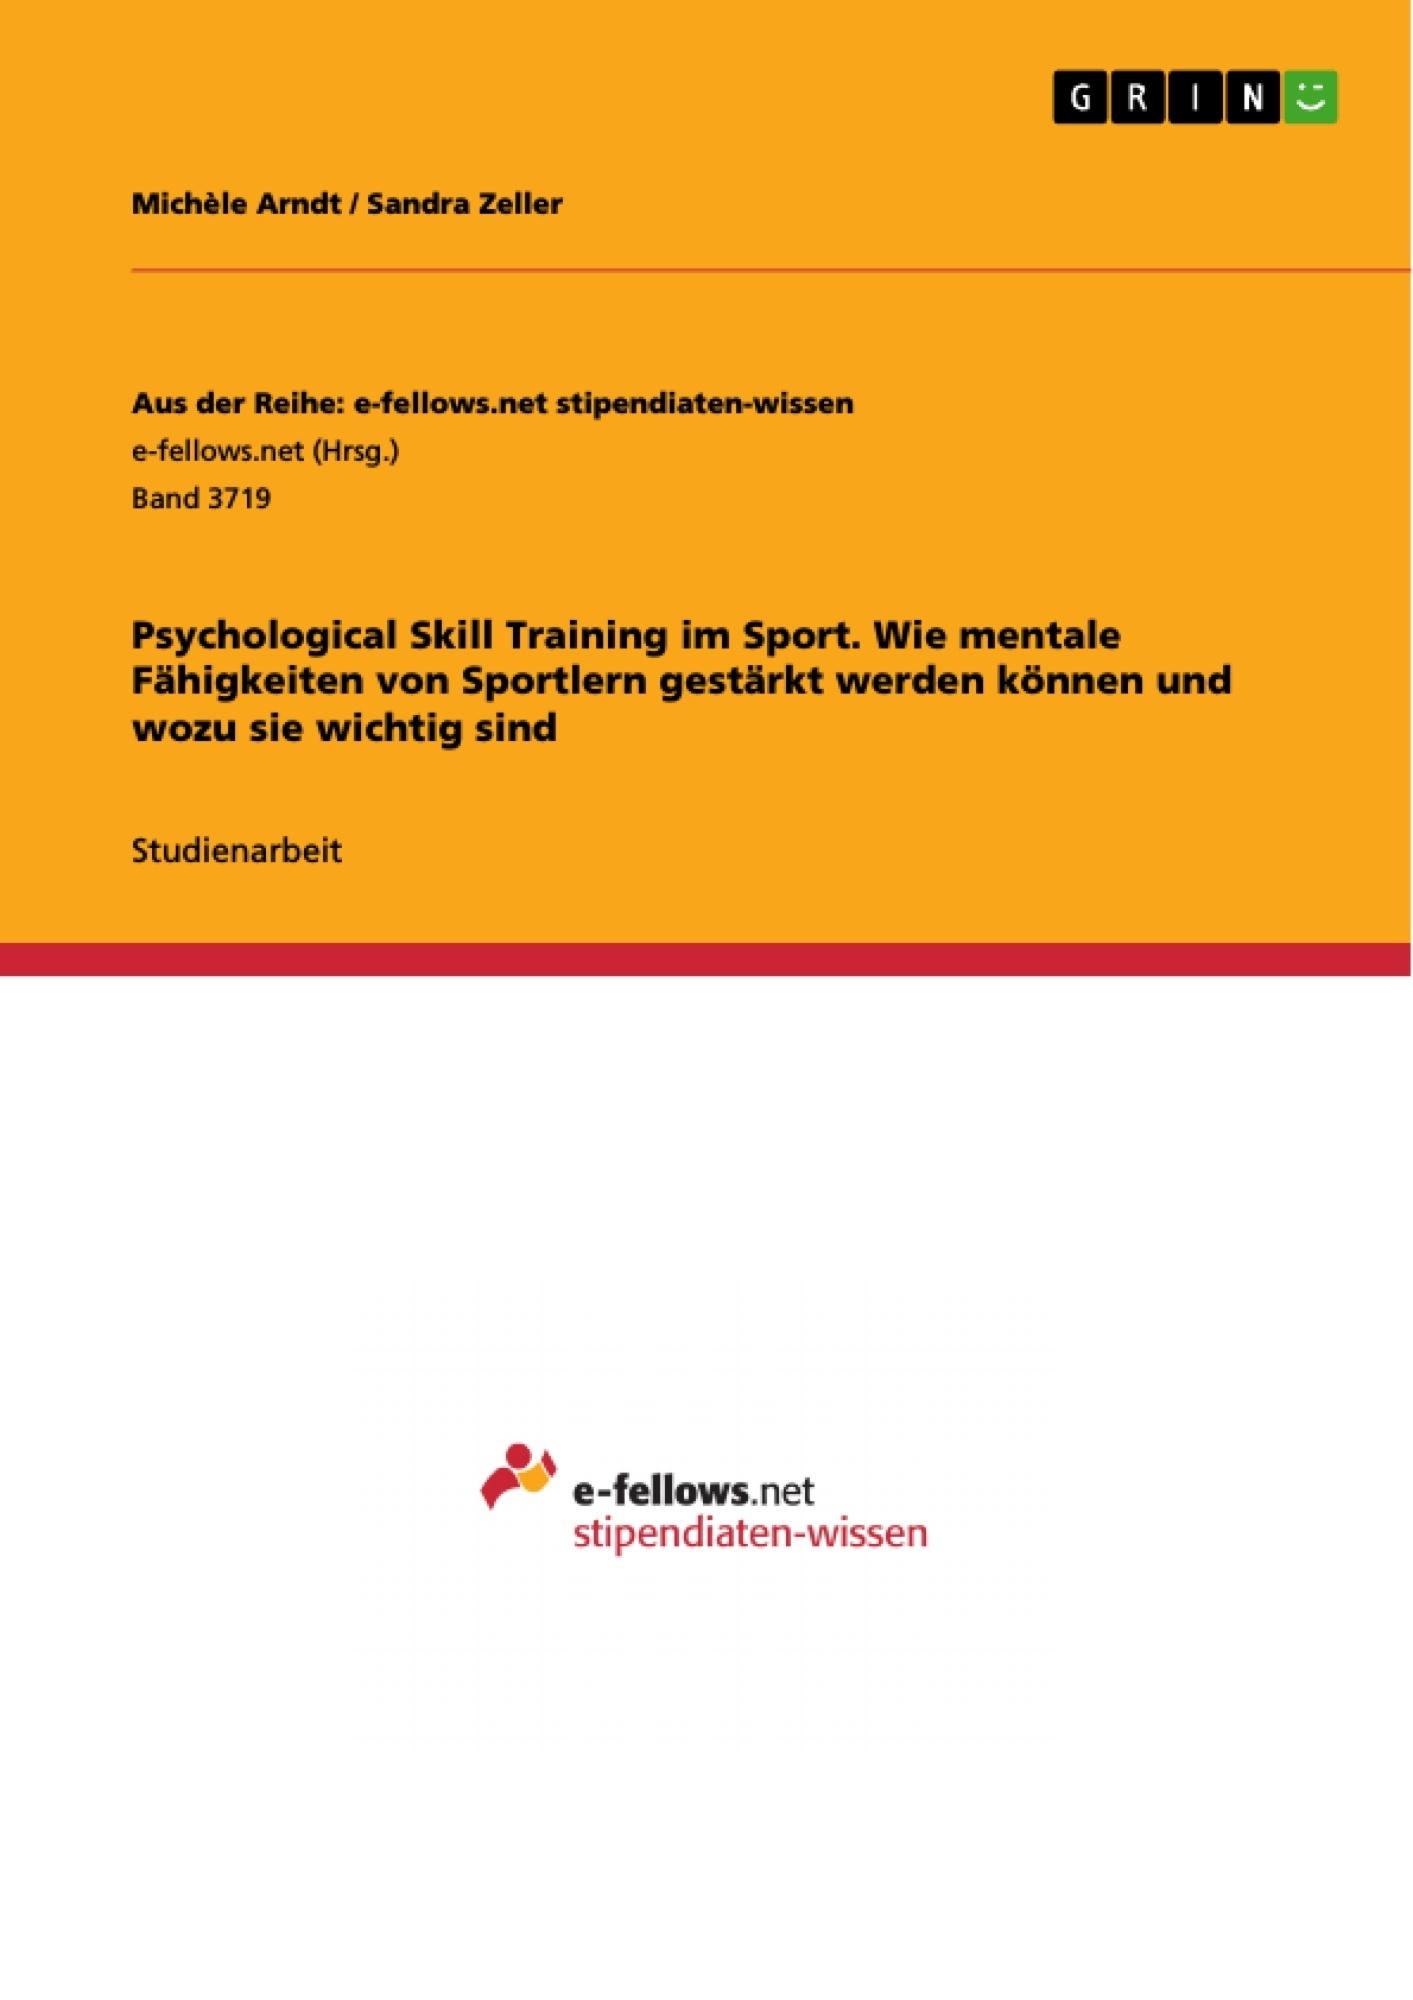 Titel: Psychological Skill Training im Sport. Wie mentale Fähigkeiten von Sportlern gestärkt werden können und wozu sie wichtig sind